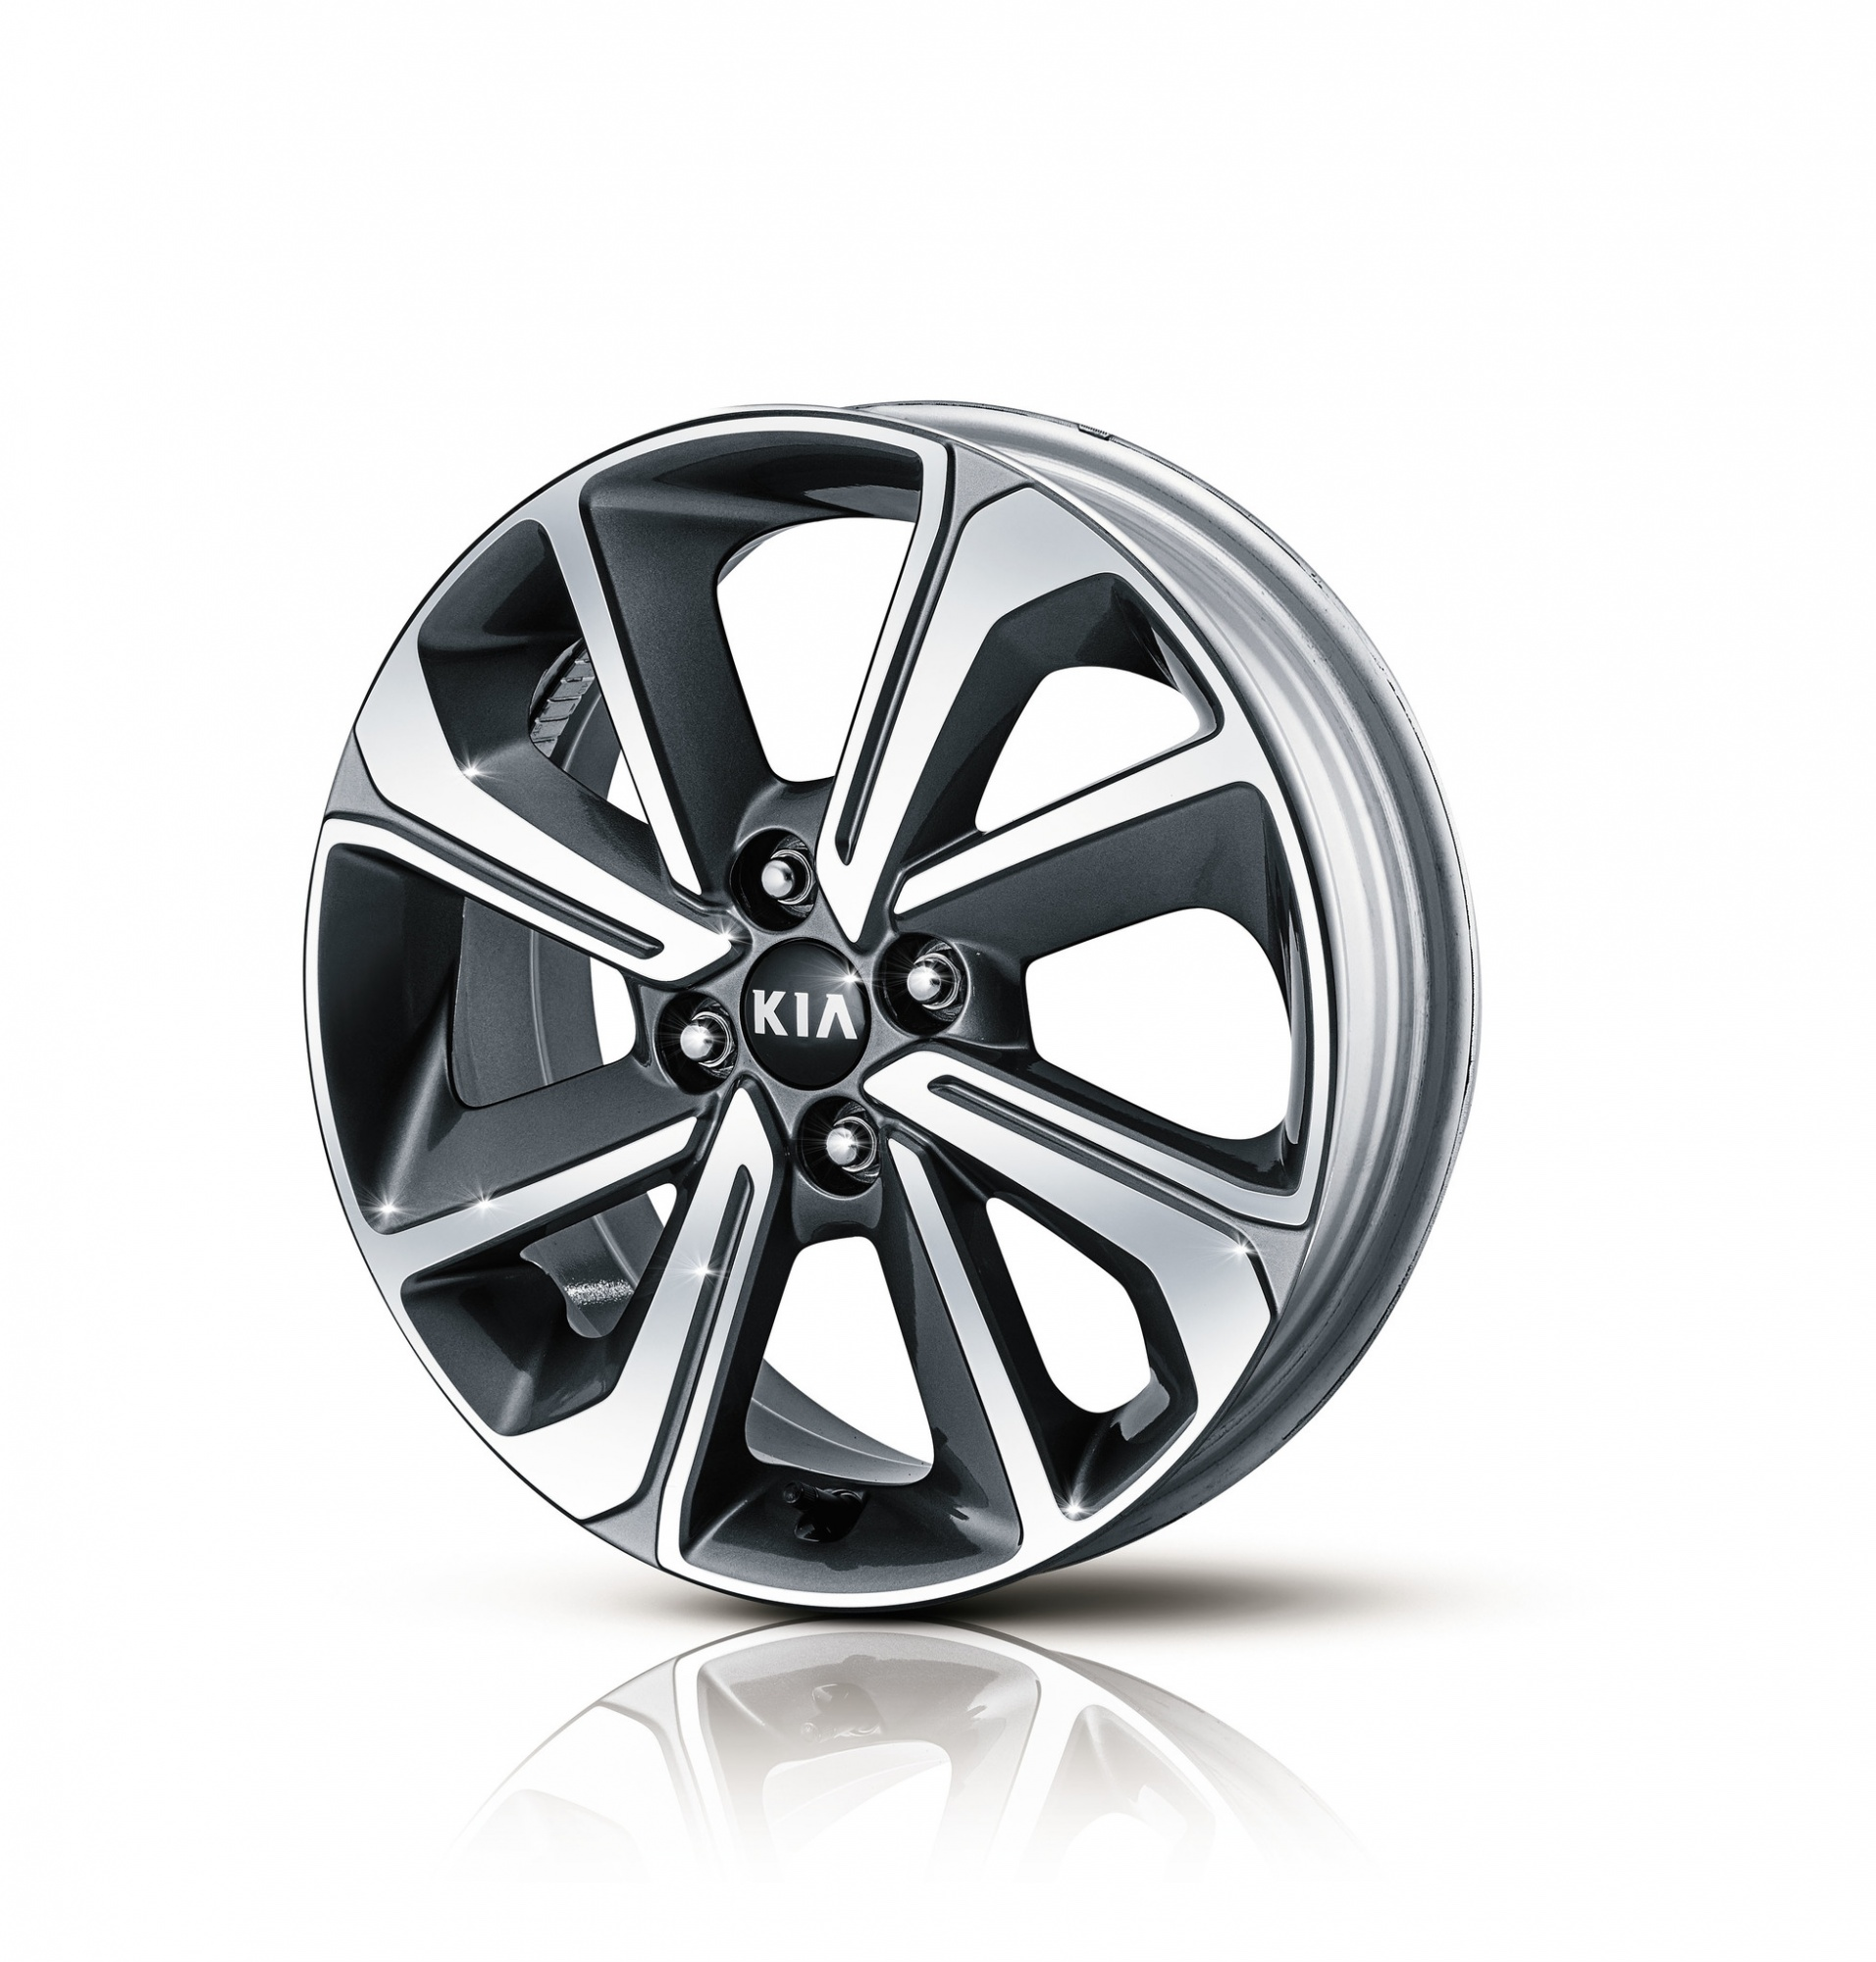 Колесный диск легкосплавный R16 Hyundai KIA 52910H0200 для RIO 2017-